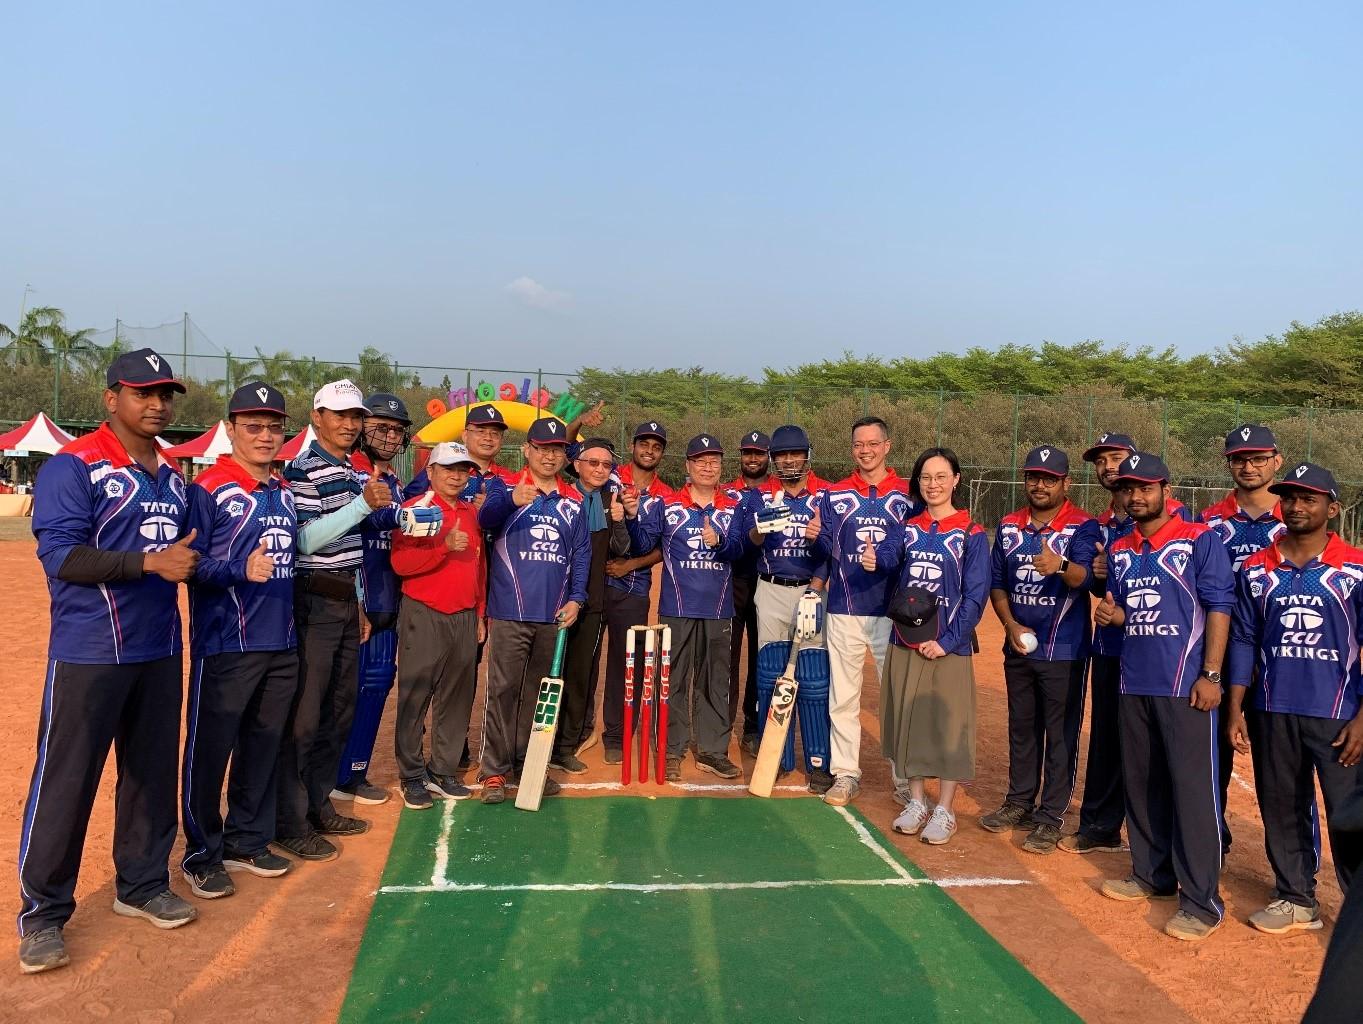 塔塔公司董事長馬凱薩及中正大學副校長張文恭與校內長官、師生等一同體驗板球活動。